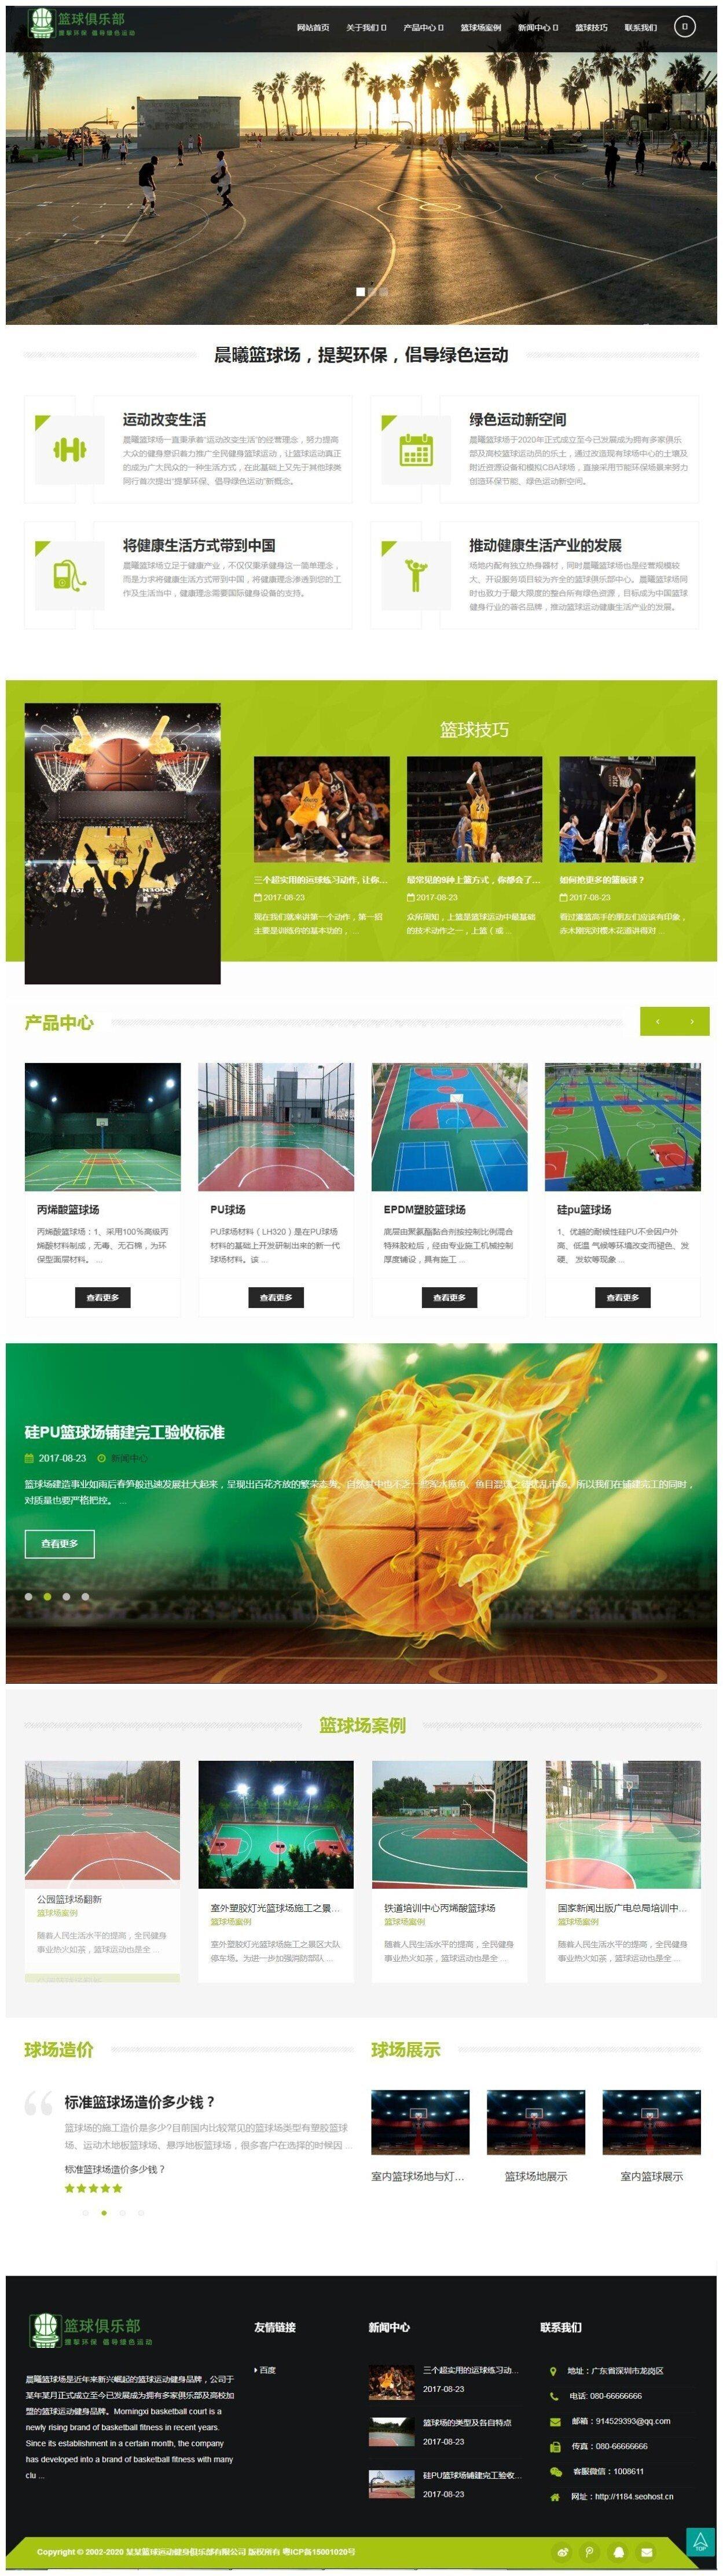 体育培训网站案例【培训教育】